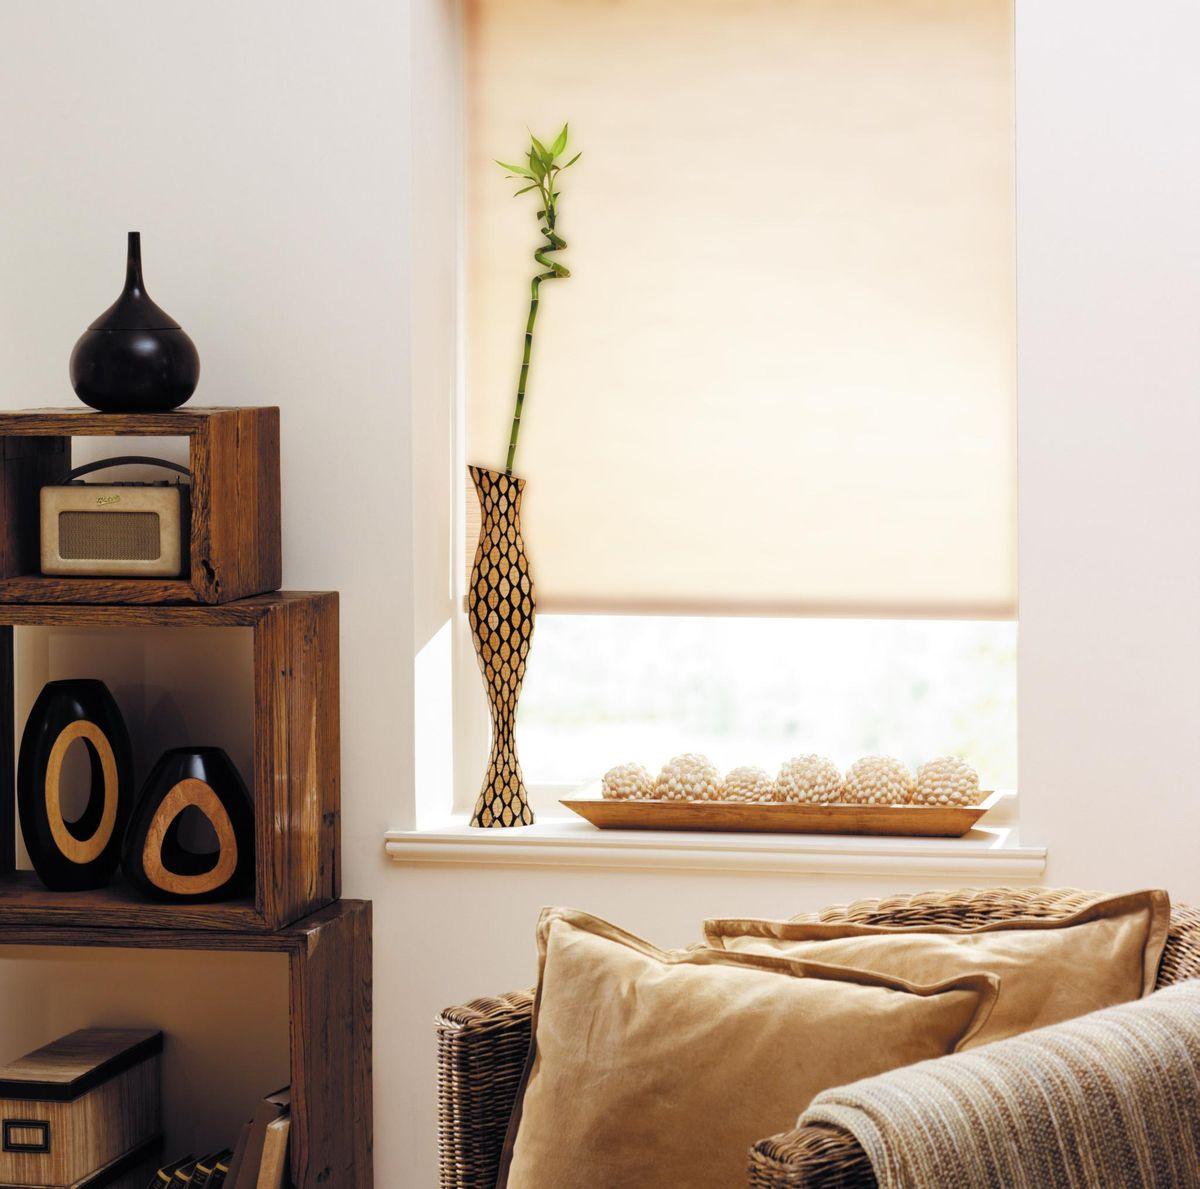 Штора рулонная Эскар Ролло. Однотонные, цвет: бежевый лен, ширина 60 см, высота 170 см62.РШТО.8990.040х175Рулонными шторами можно оформлять окна как самостоятельно, так ииспользовать в комбинации с портьерами. Это поможет предотвратитьвыгорание дорогой ткани на солнце и соединит функционал рулонных скрасотой навесных. Преимущества применения рулонных штор для пластиковых окон: - имеют прекрасный внешний вид: многообразие и фактурность материалаизделия отлично смотрятся в любом интерьере;- многофункциональны: есть возможность подобрать шторы способныеэффективно защитить комнату от солнца, при этом о на не будет слишкомтемной.- Есть возможность осуществить быстрый монтаж. ВНИМАНИЕ! Размеры ширины изделия указаны по ширине ткани! Во время эксплуатации не рекомендуется полностью разматывать рулон, чтобыне оторвать ткань от намоточного вала. В случае загрязнения поверхности ткани, чистку шторы проводят одним изспособов, в зависимости от типа загрязнения:легкое поверхностное загрязнение можно удалить при помощи канцелярскоголастика;чистка от пыли производится сухим методом при помощи пылесоса с мягкойщеткой-насадкой;для удаления пятна используйте мягкую губку с пенообразующим неагрессивныммоющим средством или пятновыводитель на натуральной основе (нельзяприменять растворители).